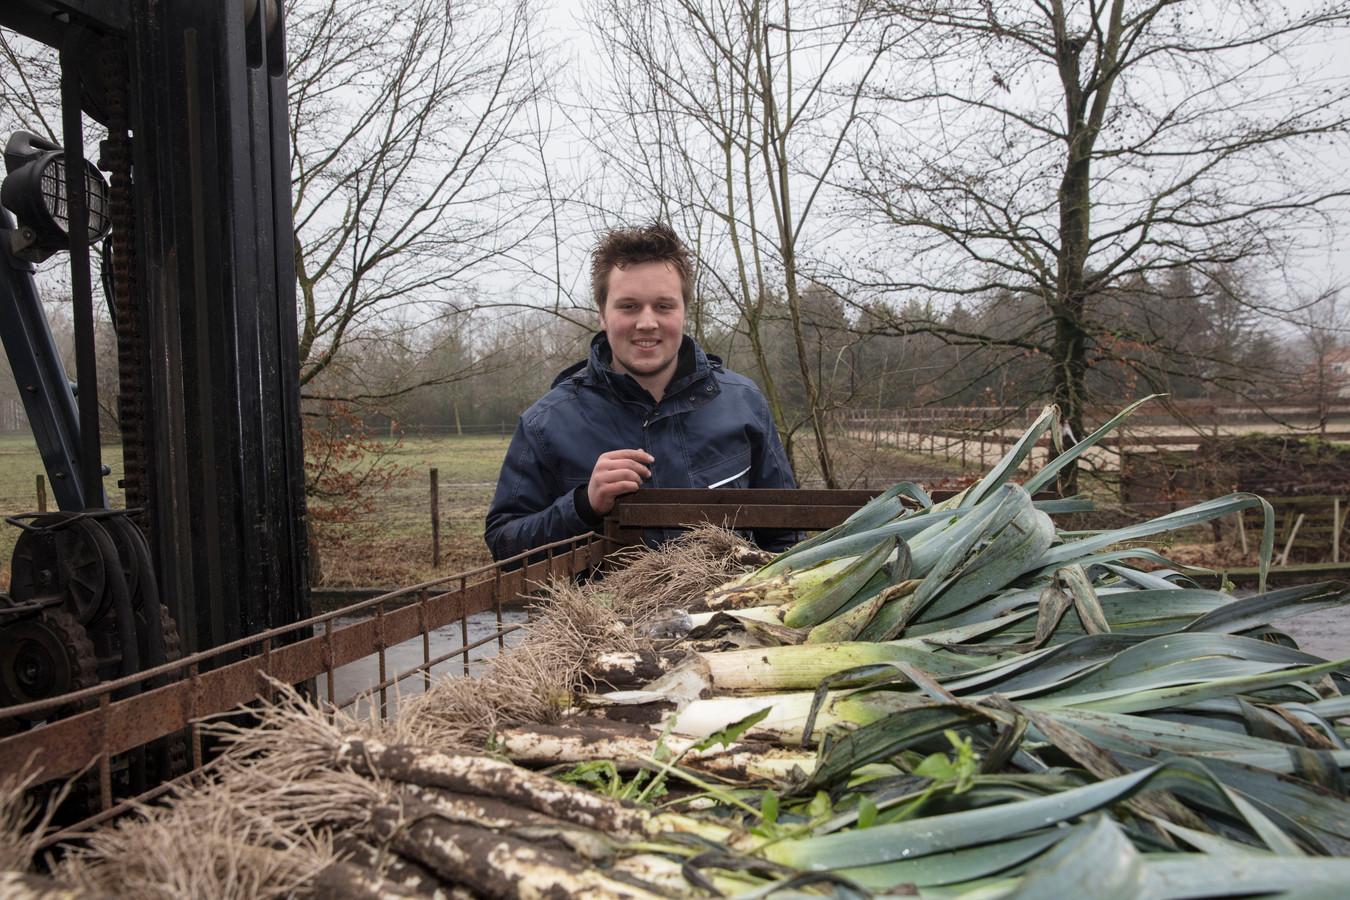 Vollegrondkweker Joost van den Oetelaar in Spoordonk.